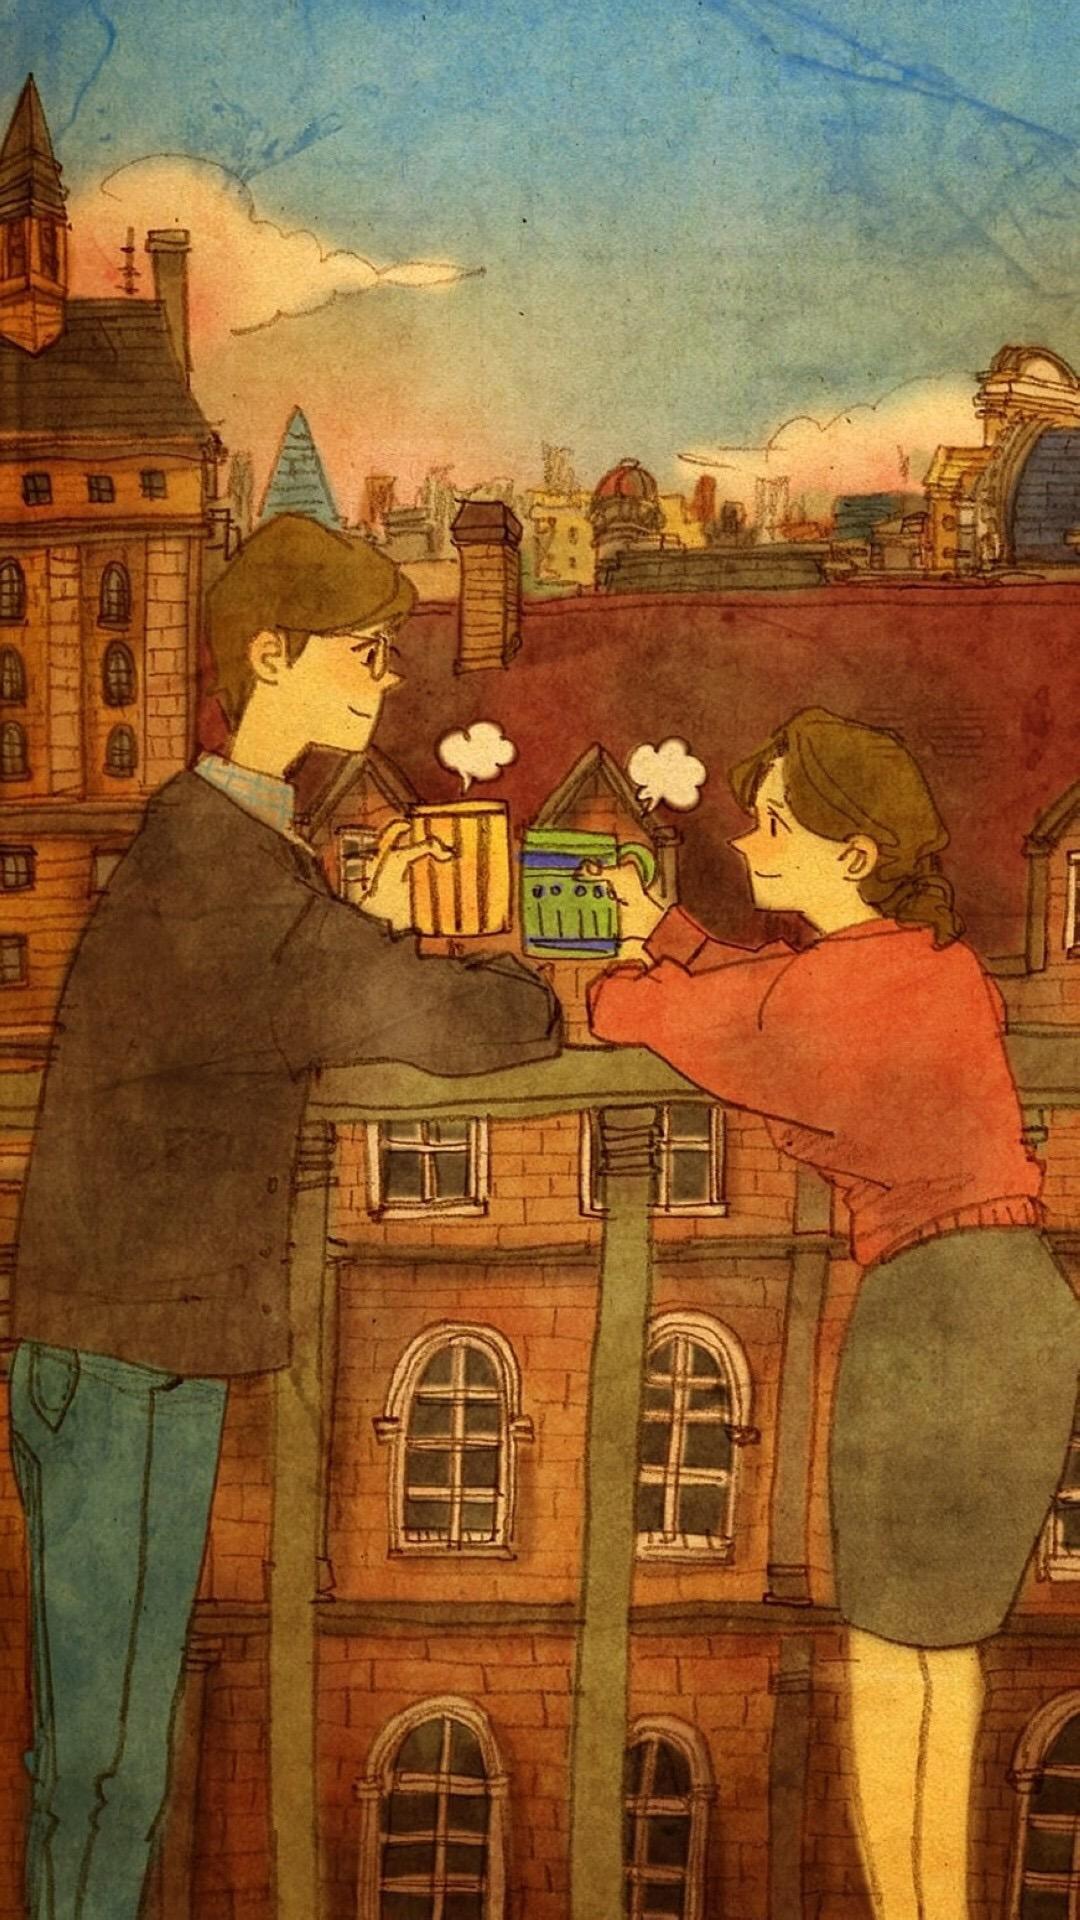 手绘 风格 线条 爱情